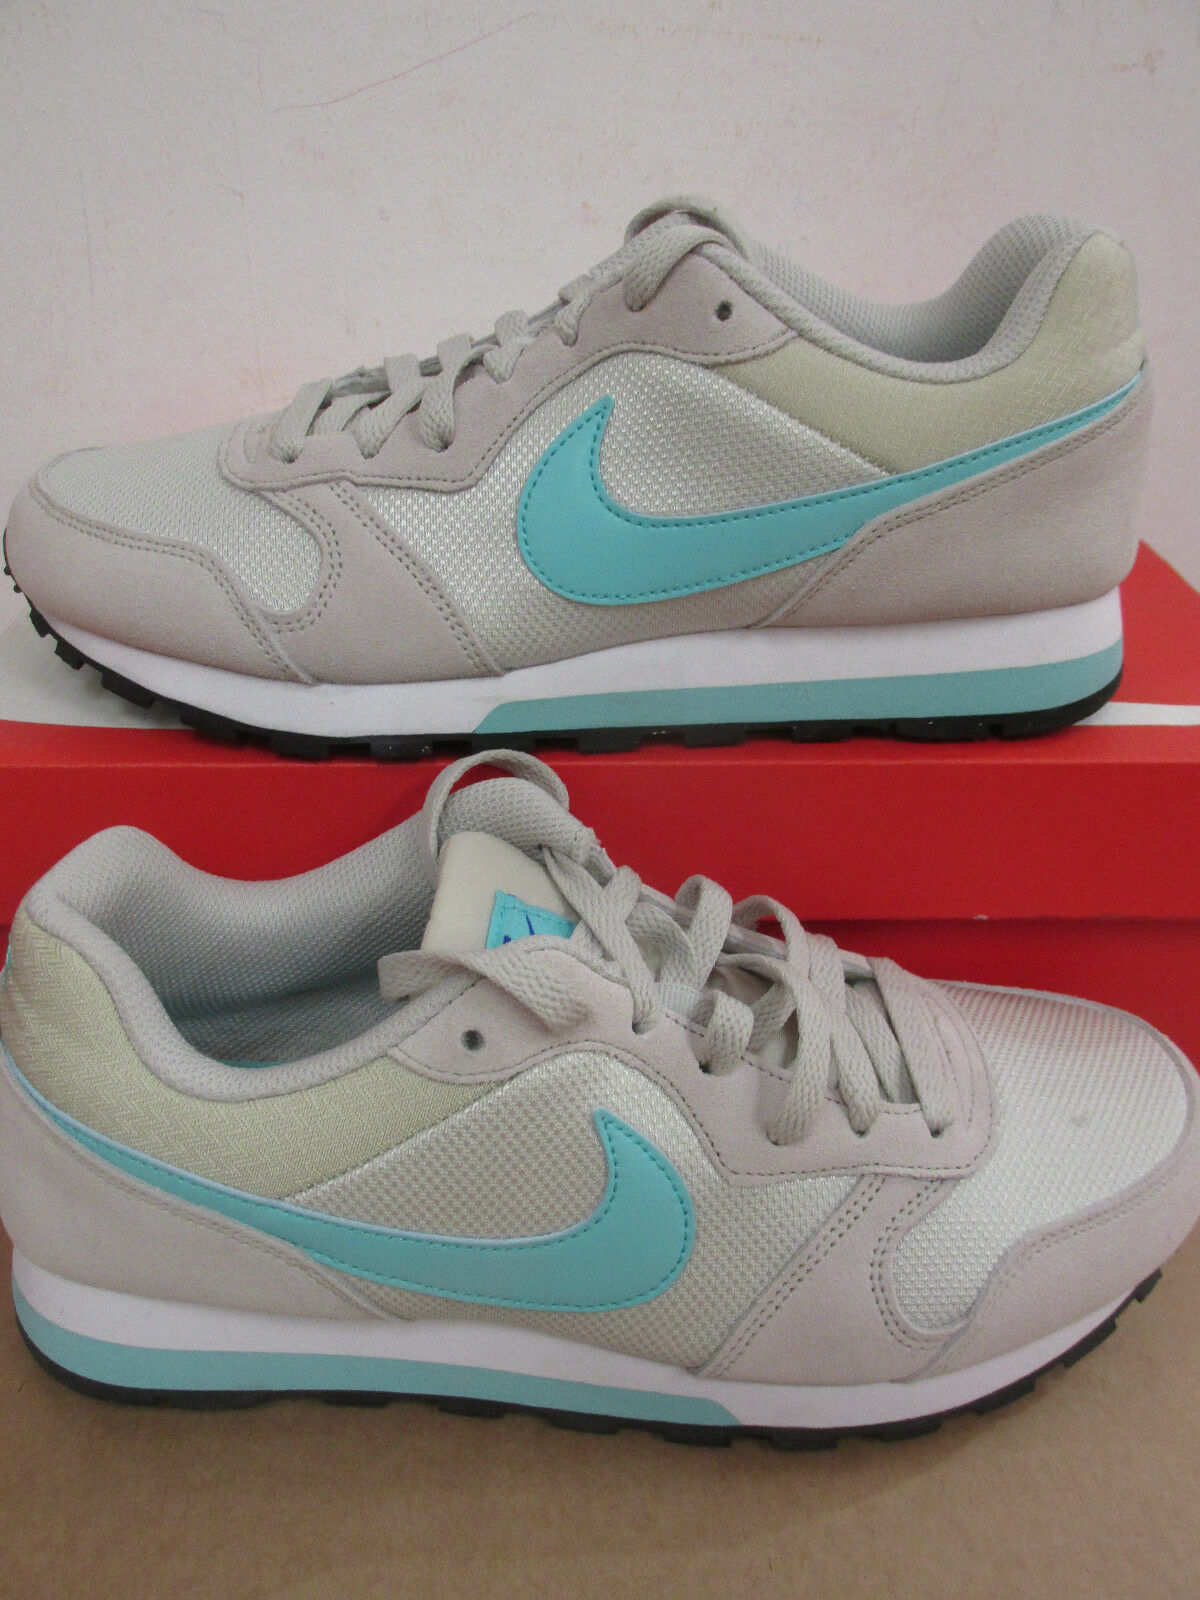 Nike donne donne Nike md runner 2 formatori 749869 034 scarpe, scarpe di autorizzazione 8863cf